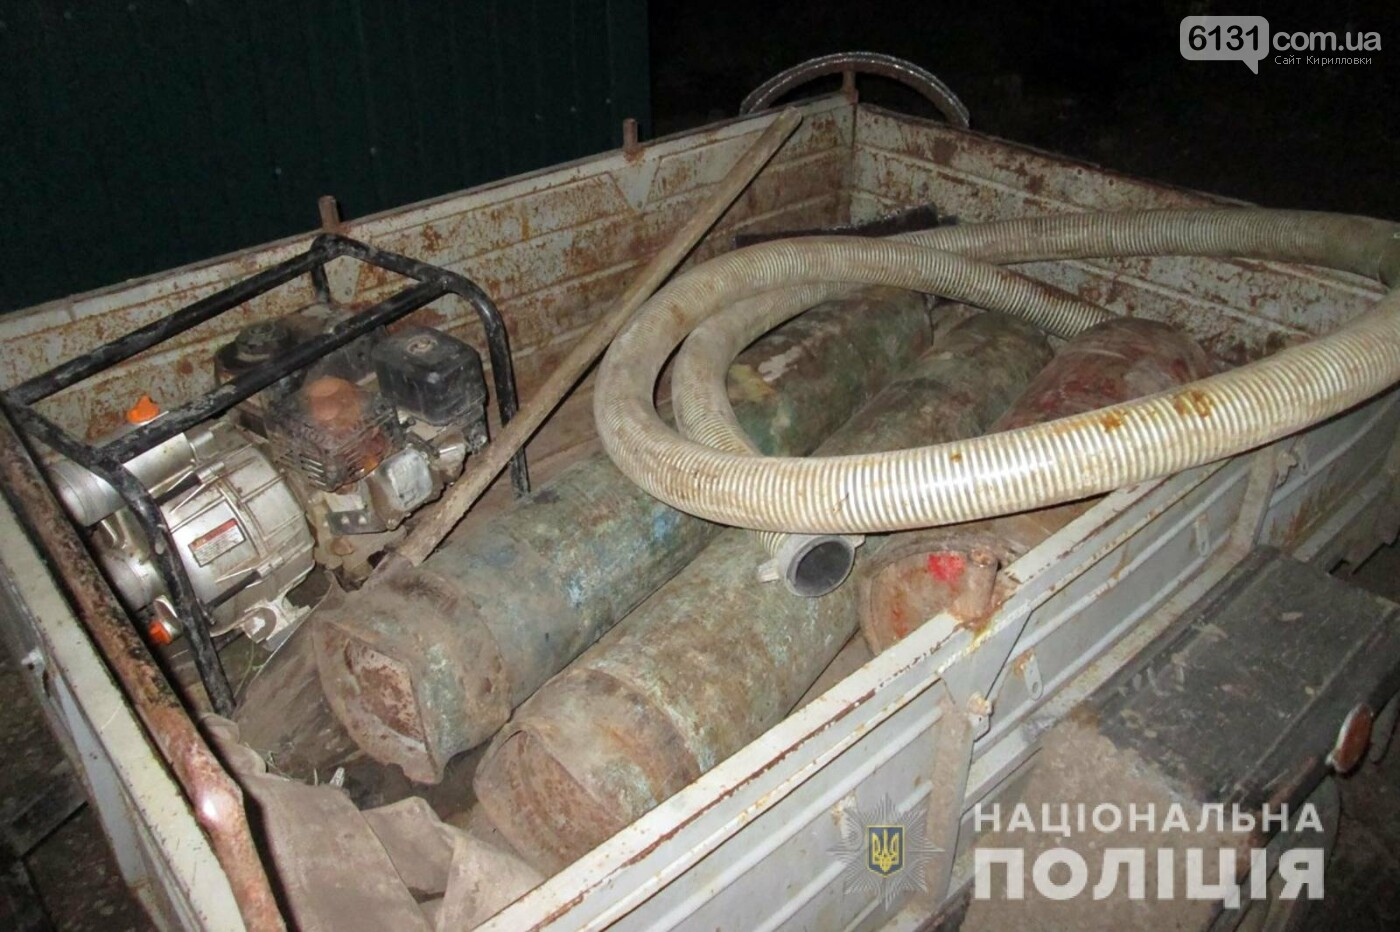 На території Якимівського району затримали крадіїв труб системи зрошення, фото-1